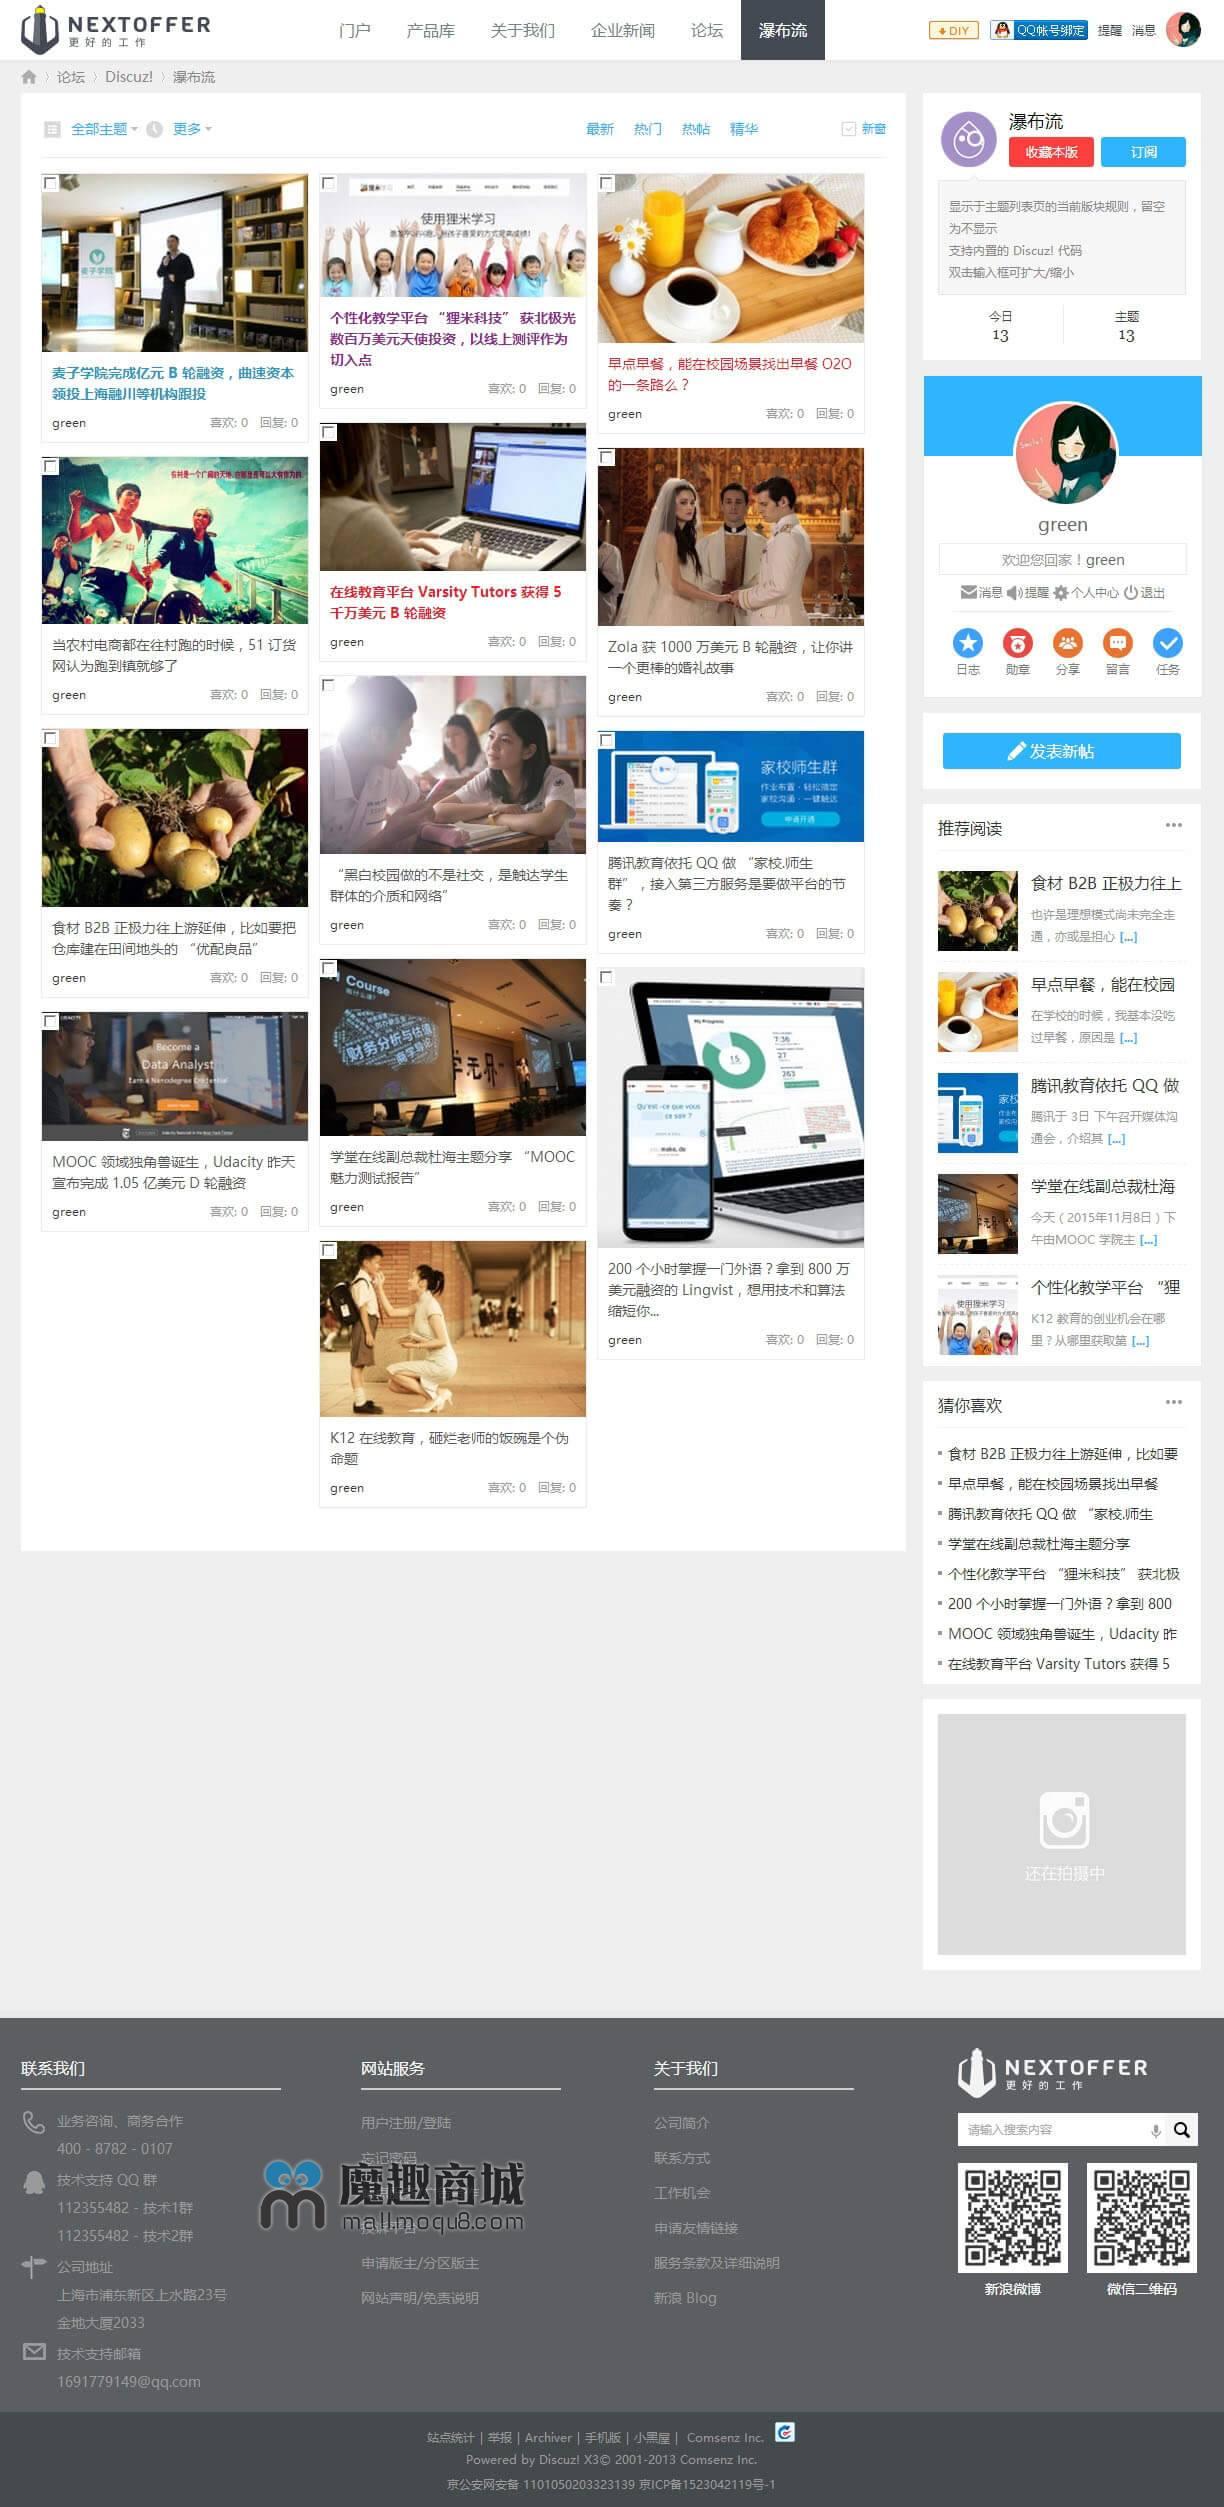 新锐创新型企业产品展示官网模板